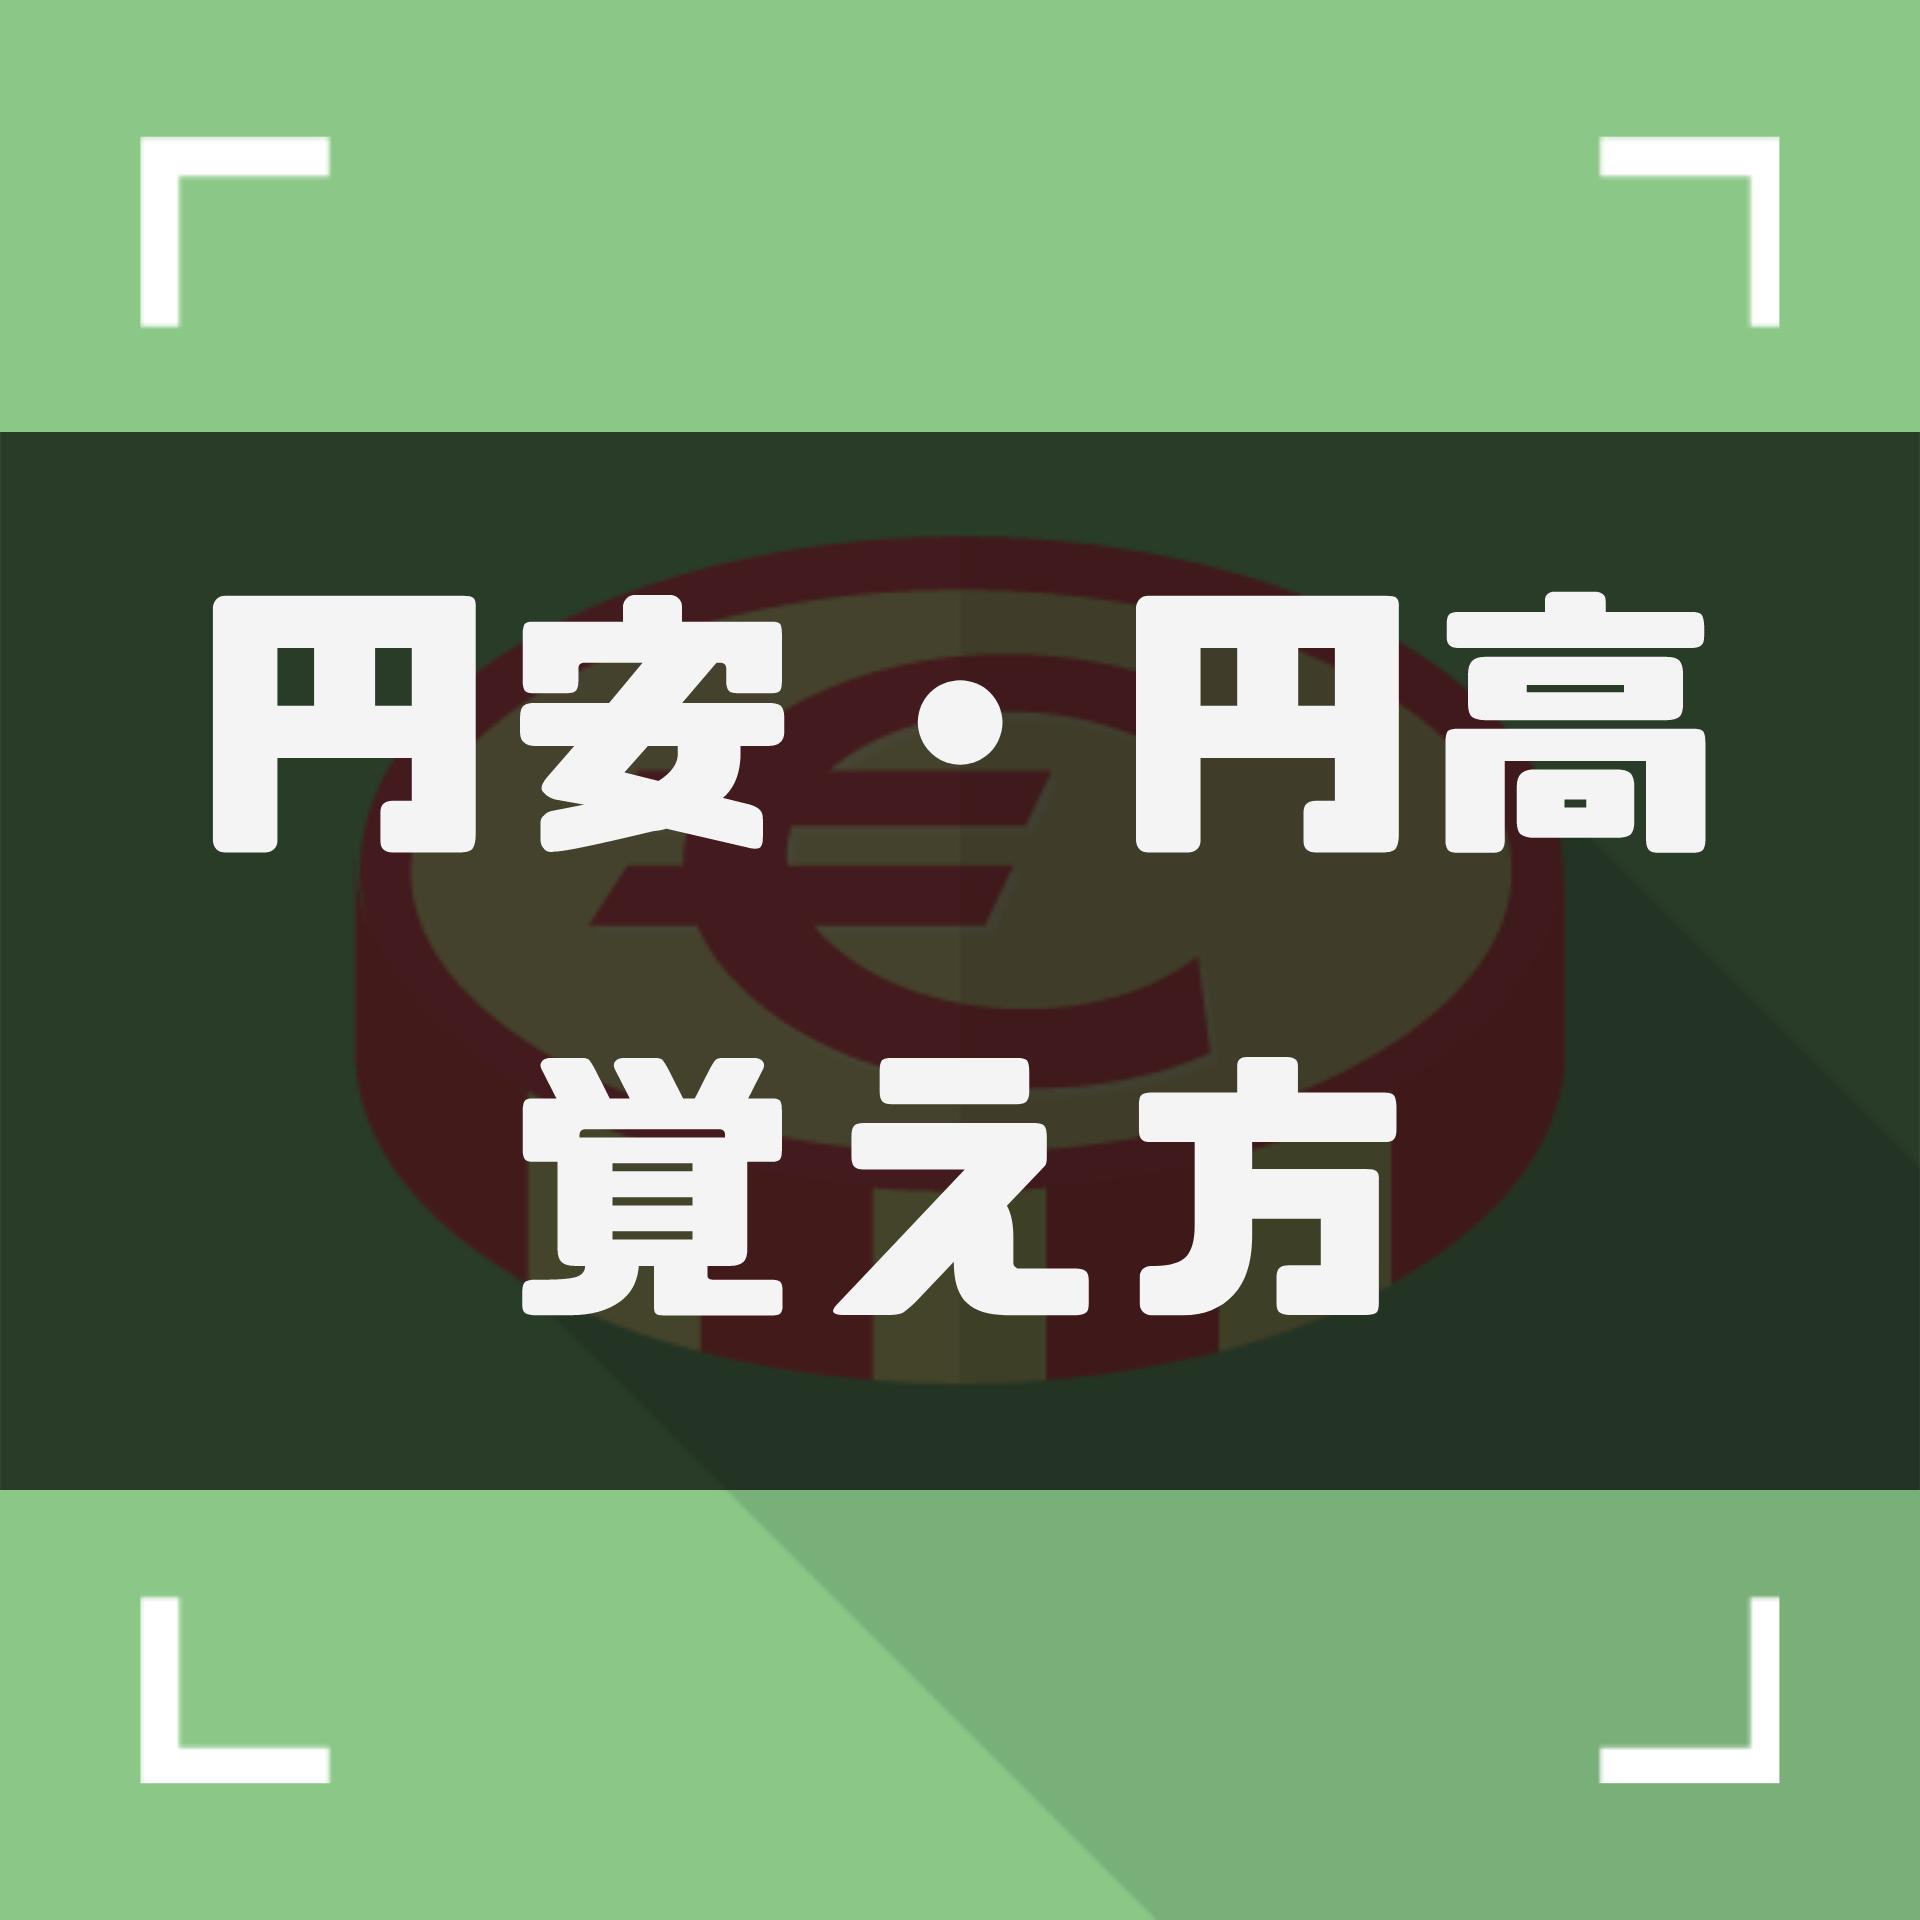 【保存版】円高・円安とは?2021年はどっち?覚え方をわかりやすくイラストで解説!